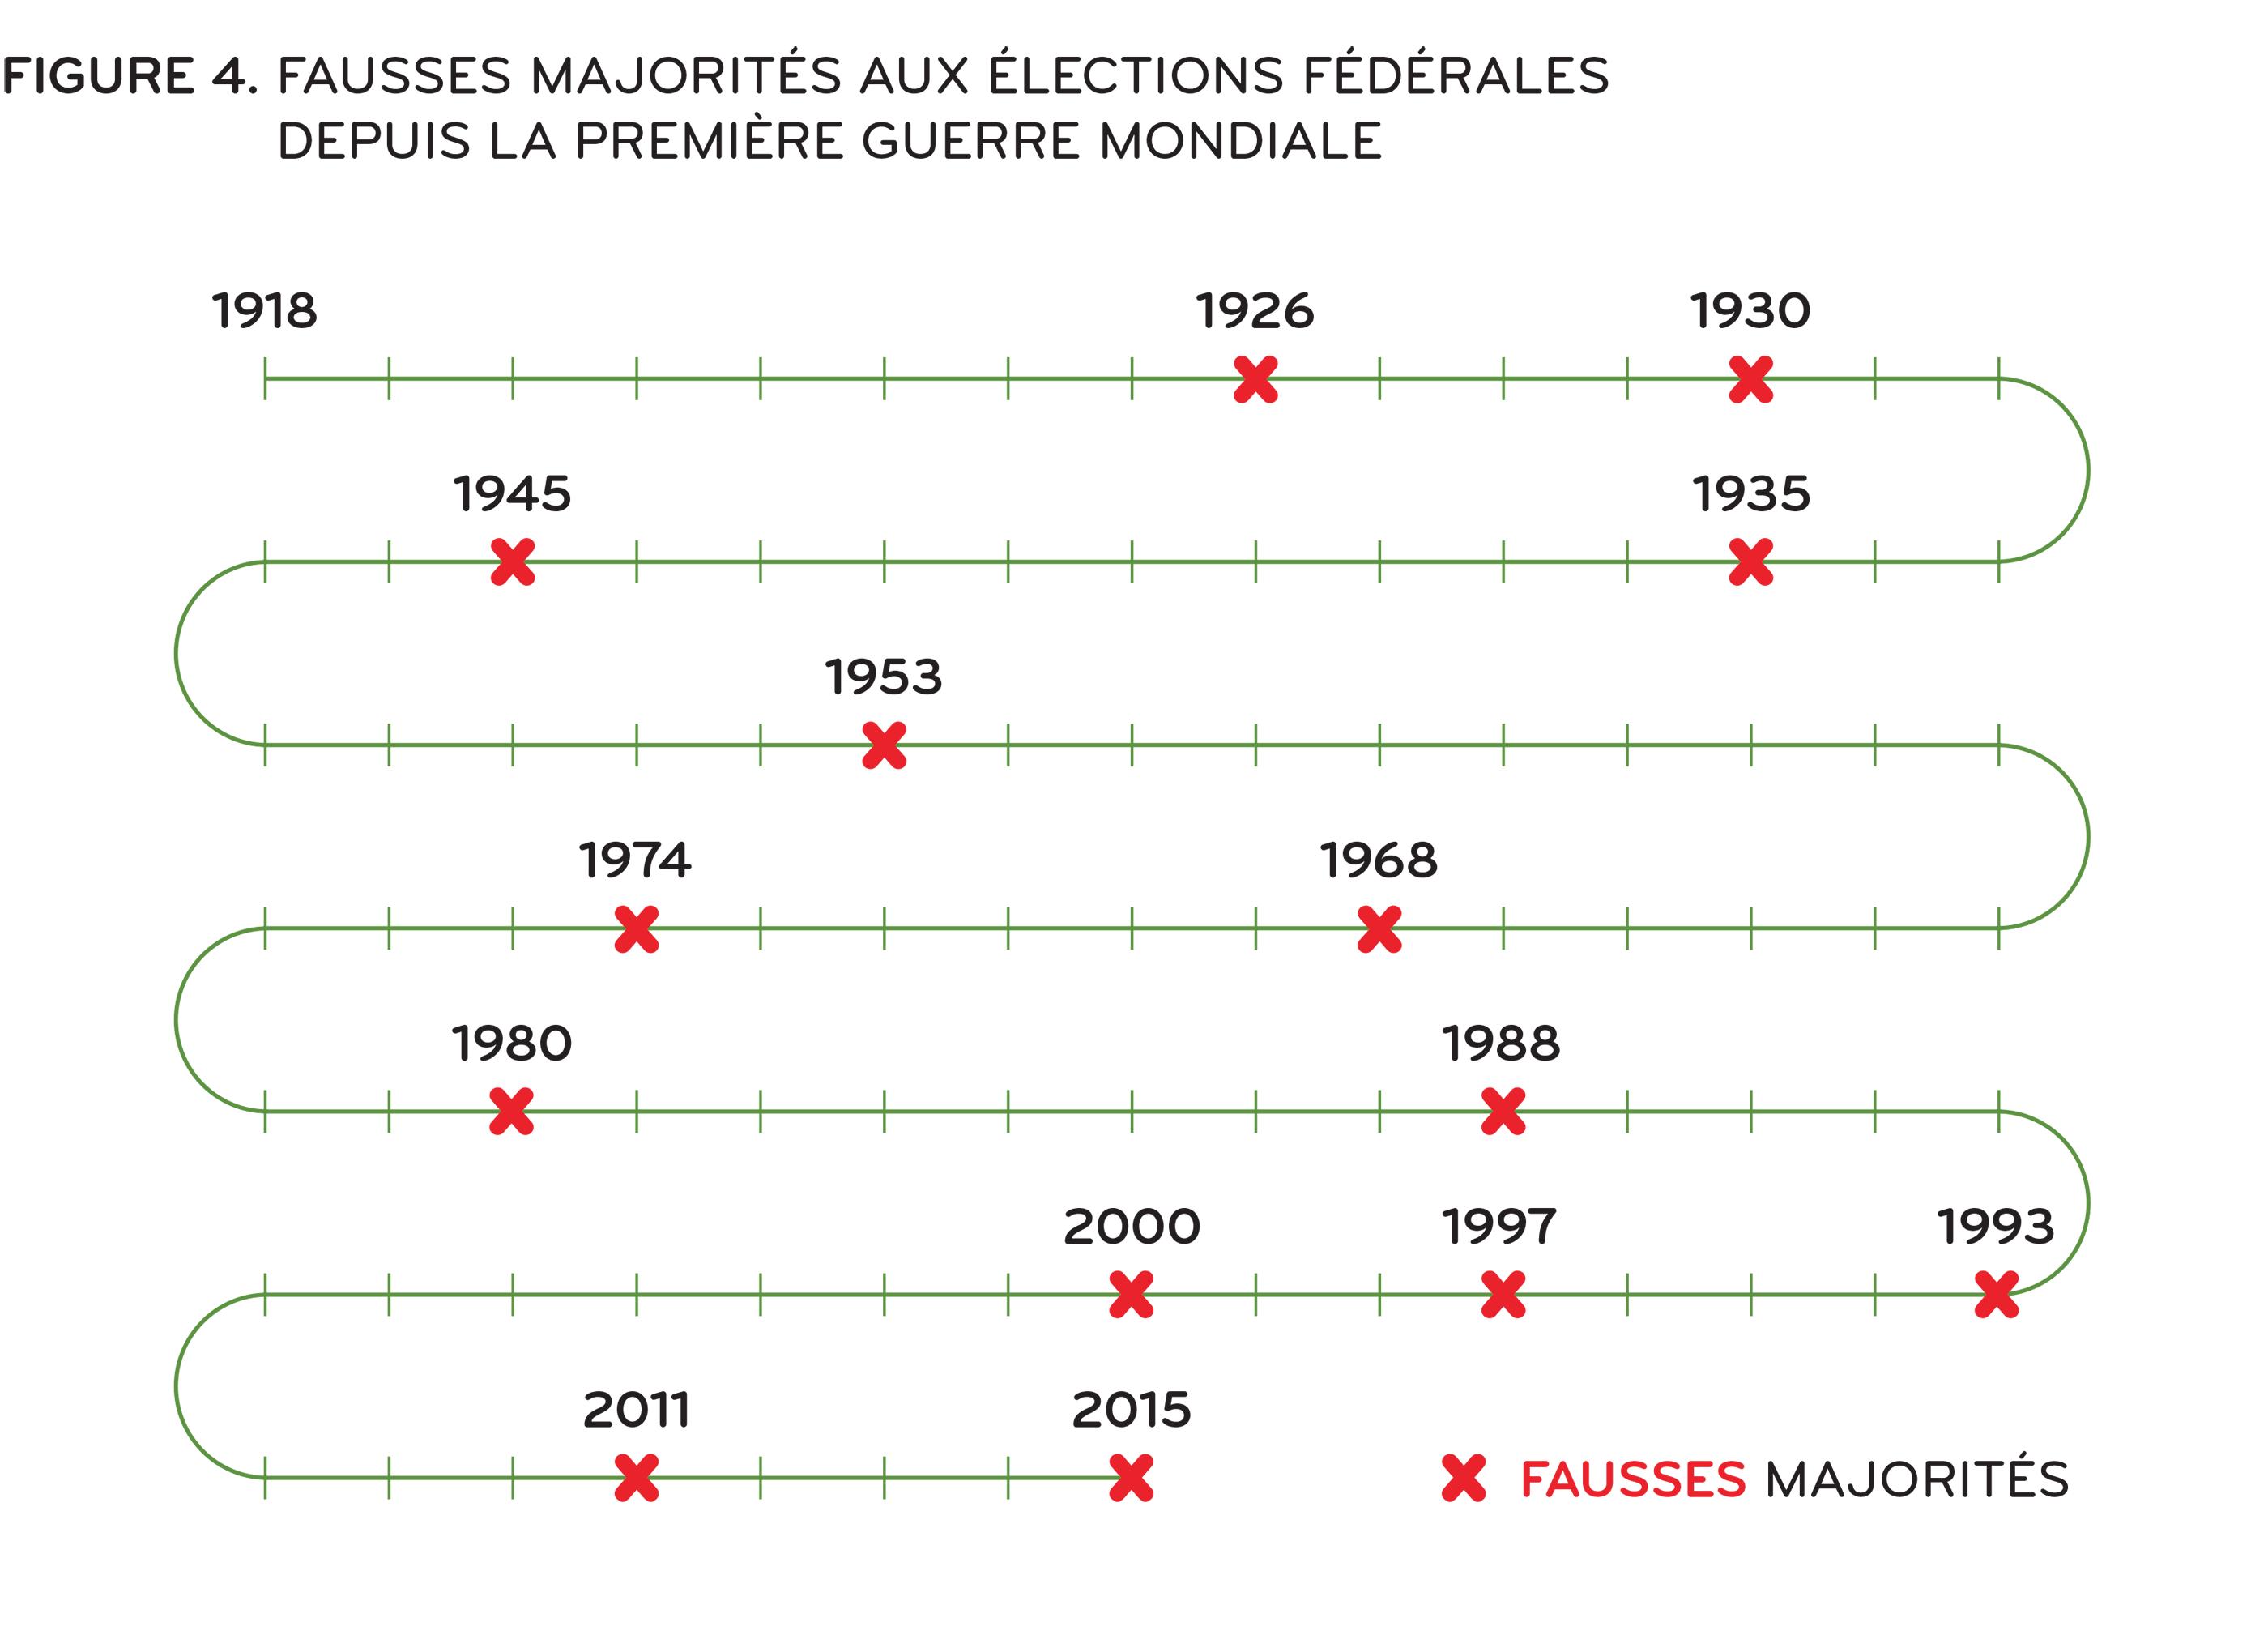 [ Figure 4: Fausses majorités dans les élections fédérales; voir :  Années : 2015, 2011, 2000, 1997, 1993, 1988, 1980, 1974, 1968, 1957, 1945, 1935, 1930, 1926, 1896, 1872 ]